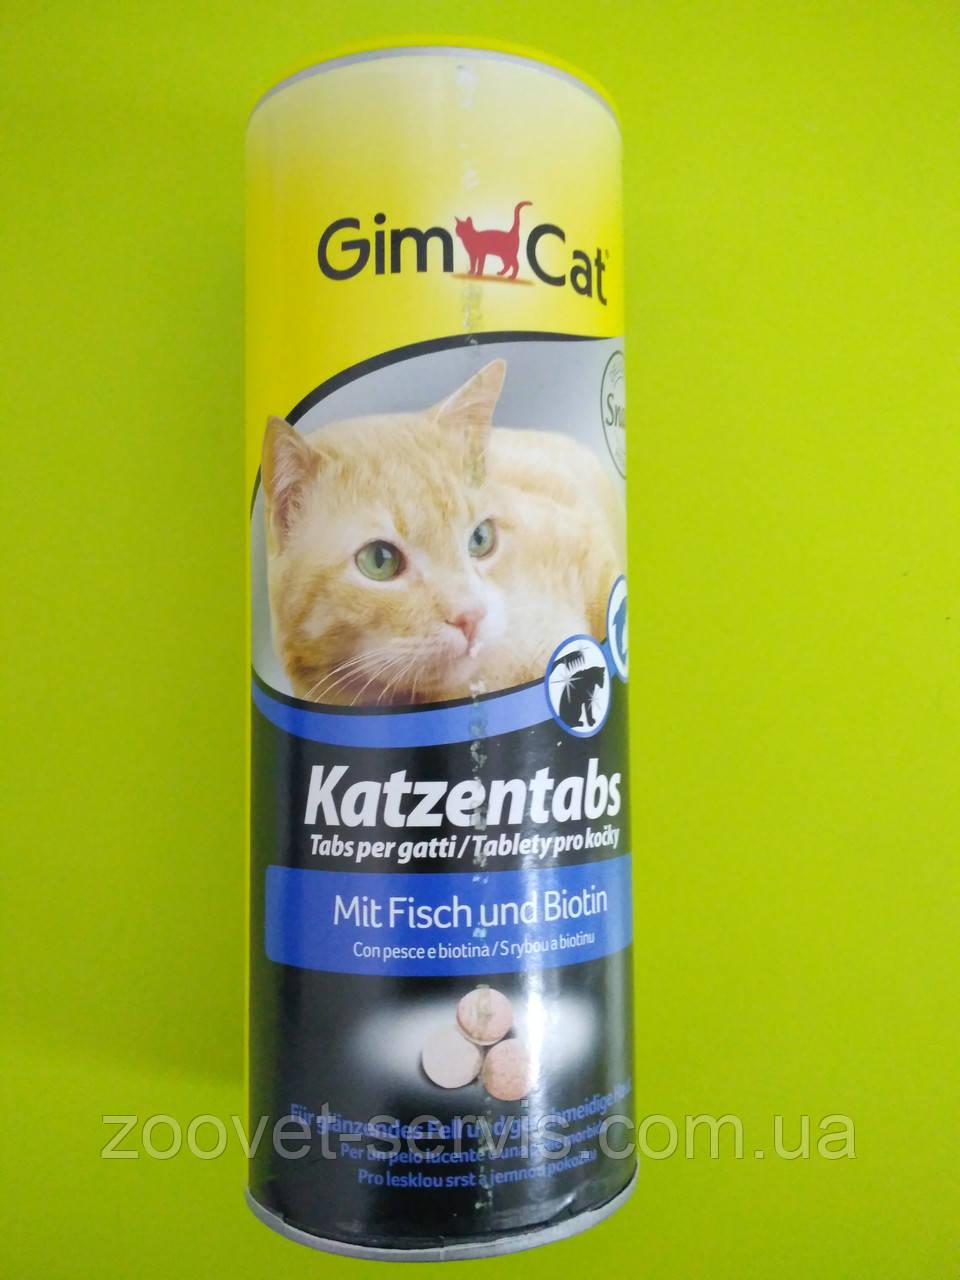 Витаминизированные лакомства для кошек Gimpet Cat Katzentabs, с рыбой